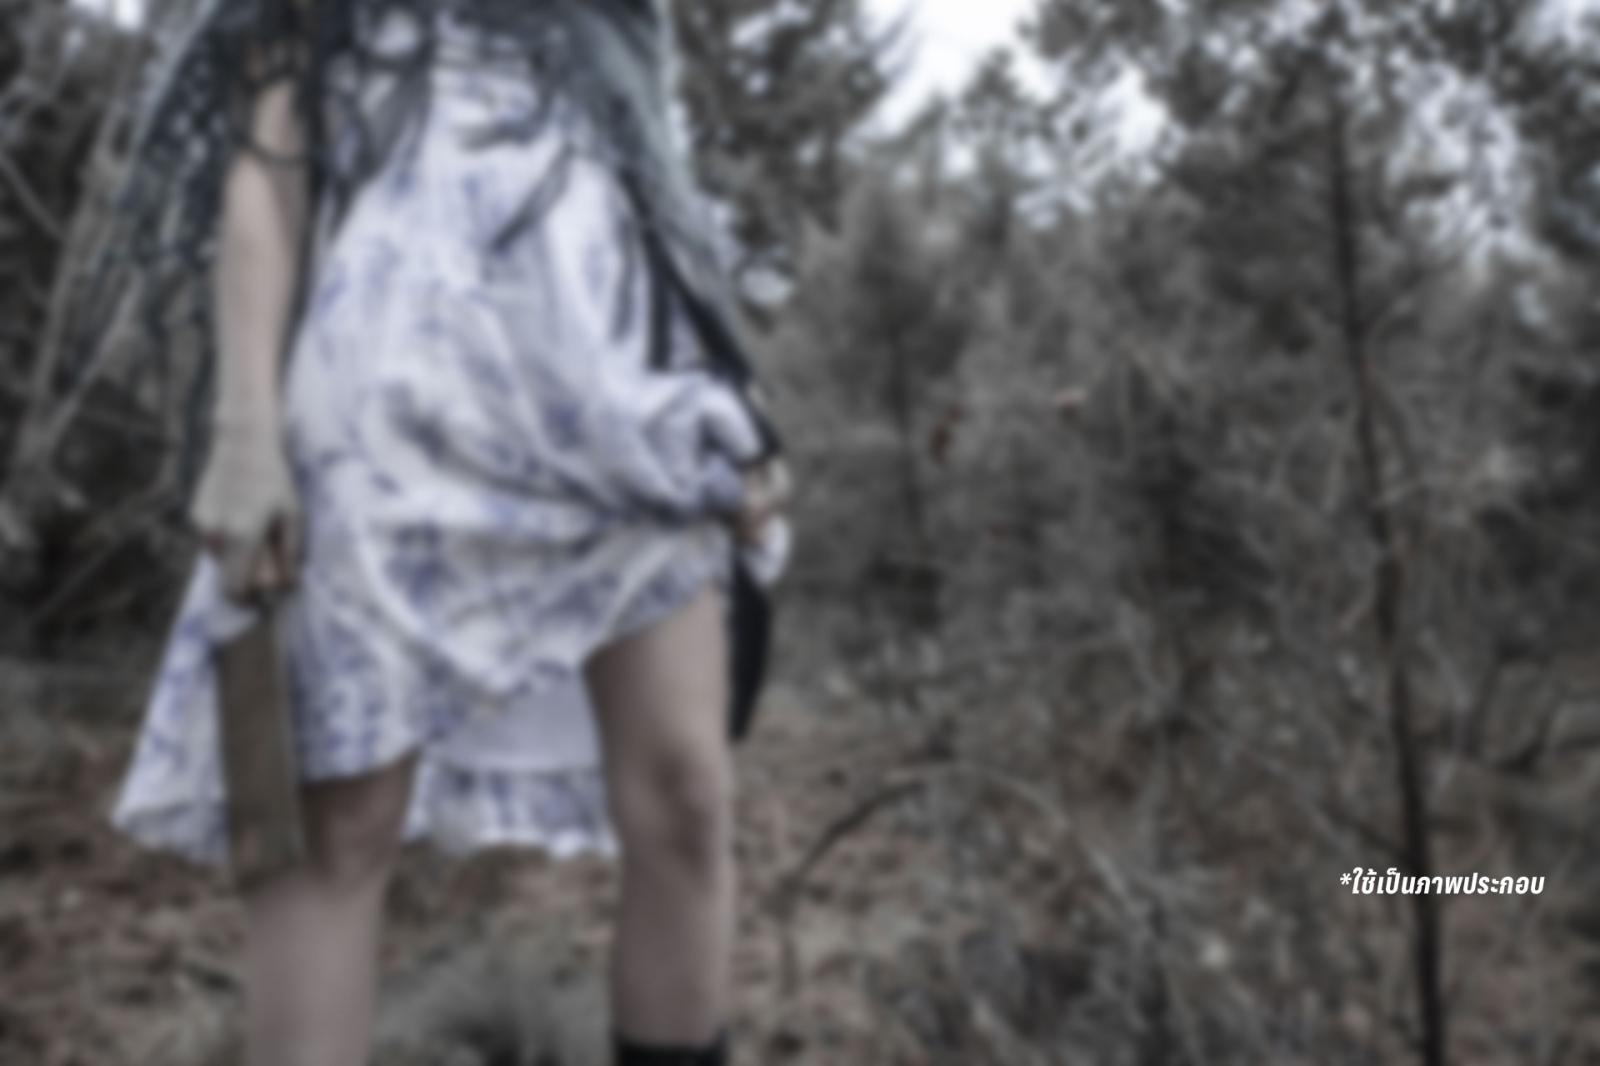 สลด! หญิงพม่าเครียดเลิกสามี ปาดคอลูกที่เพิ่งคลอด จับใส่ถุงสีดำยัดถังขยะ